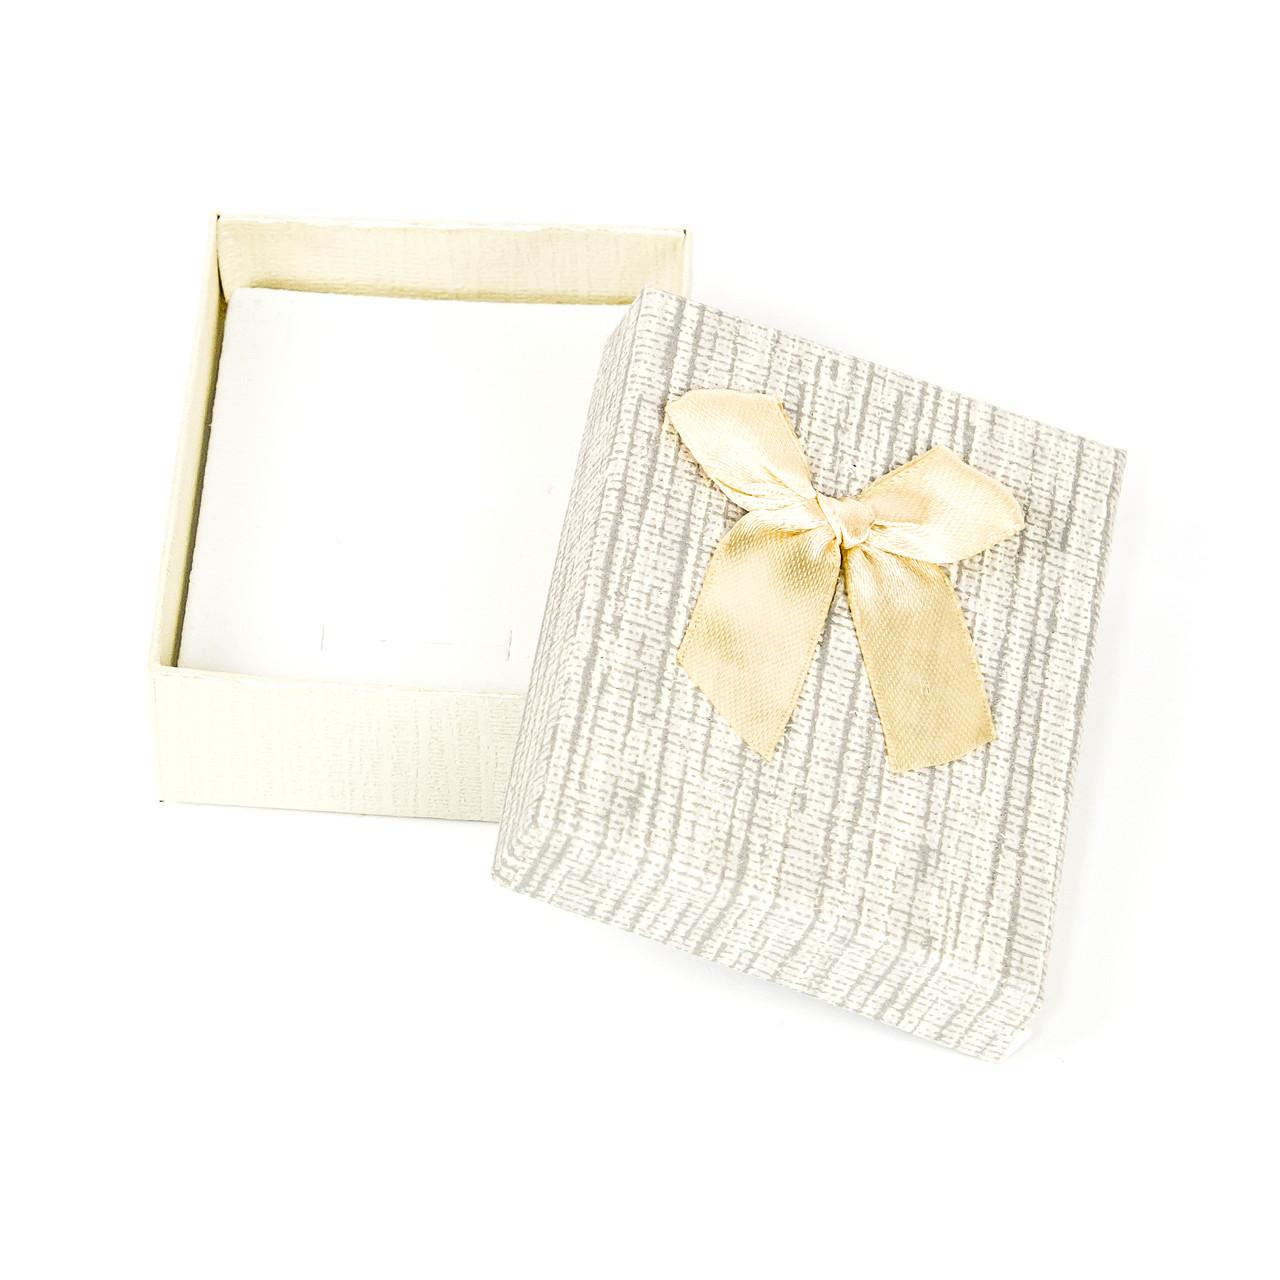 Подарочная коробочка для украшений бежевая 9 х 7 х 2,7 см